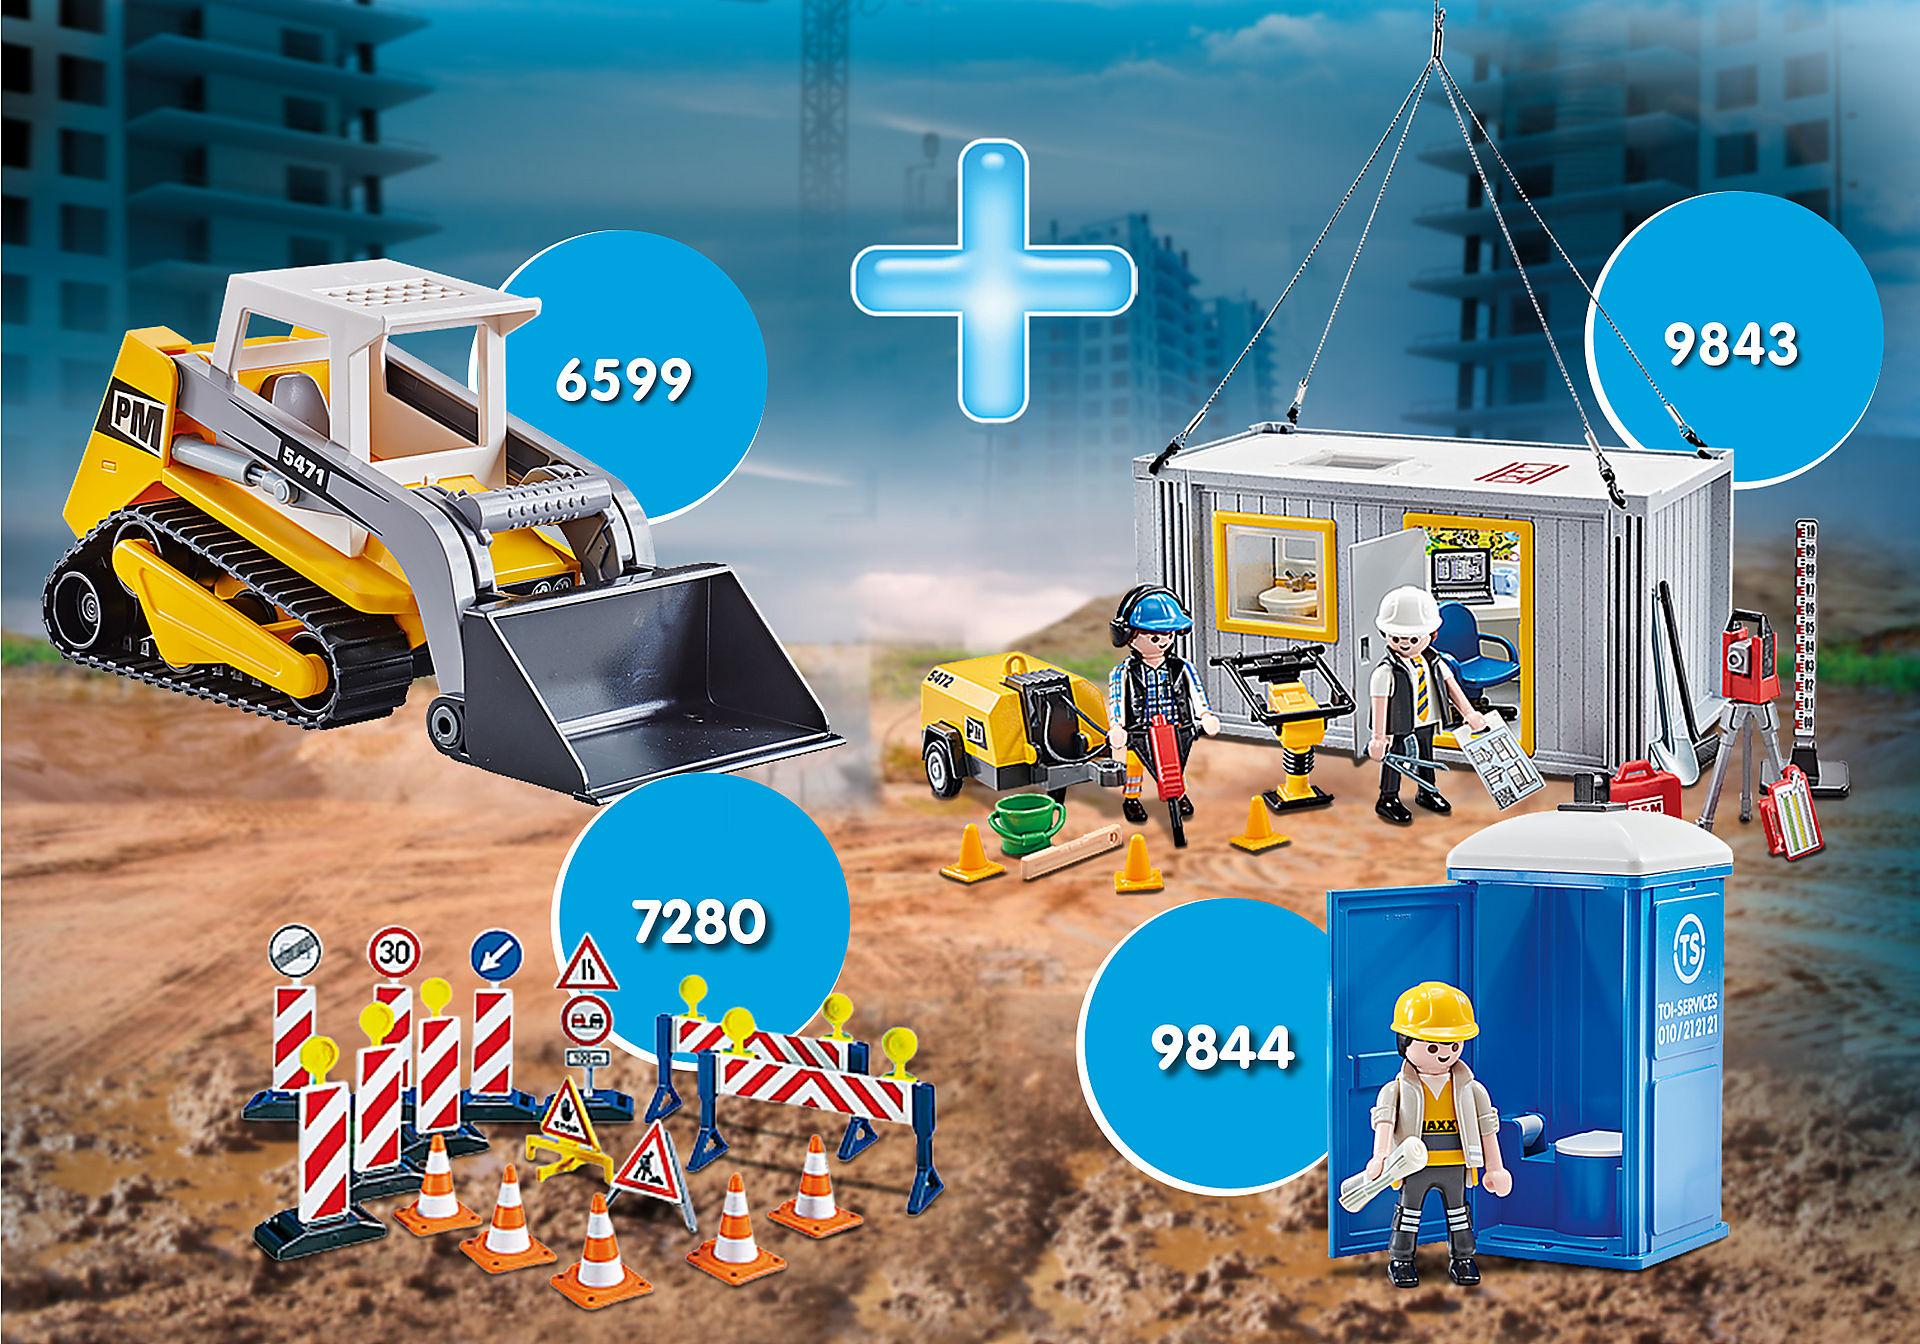 PM2005H Pack Promocional Construção zoom image1